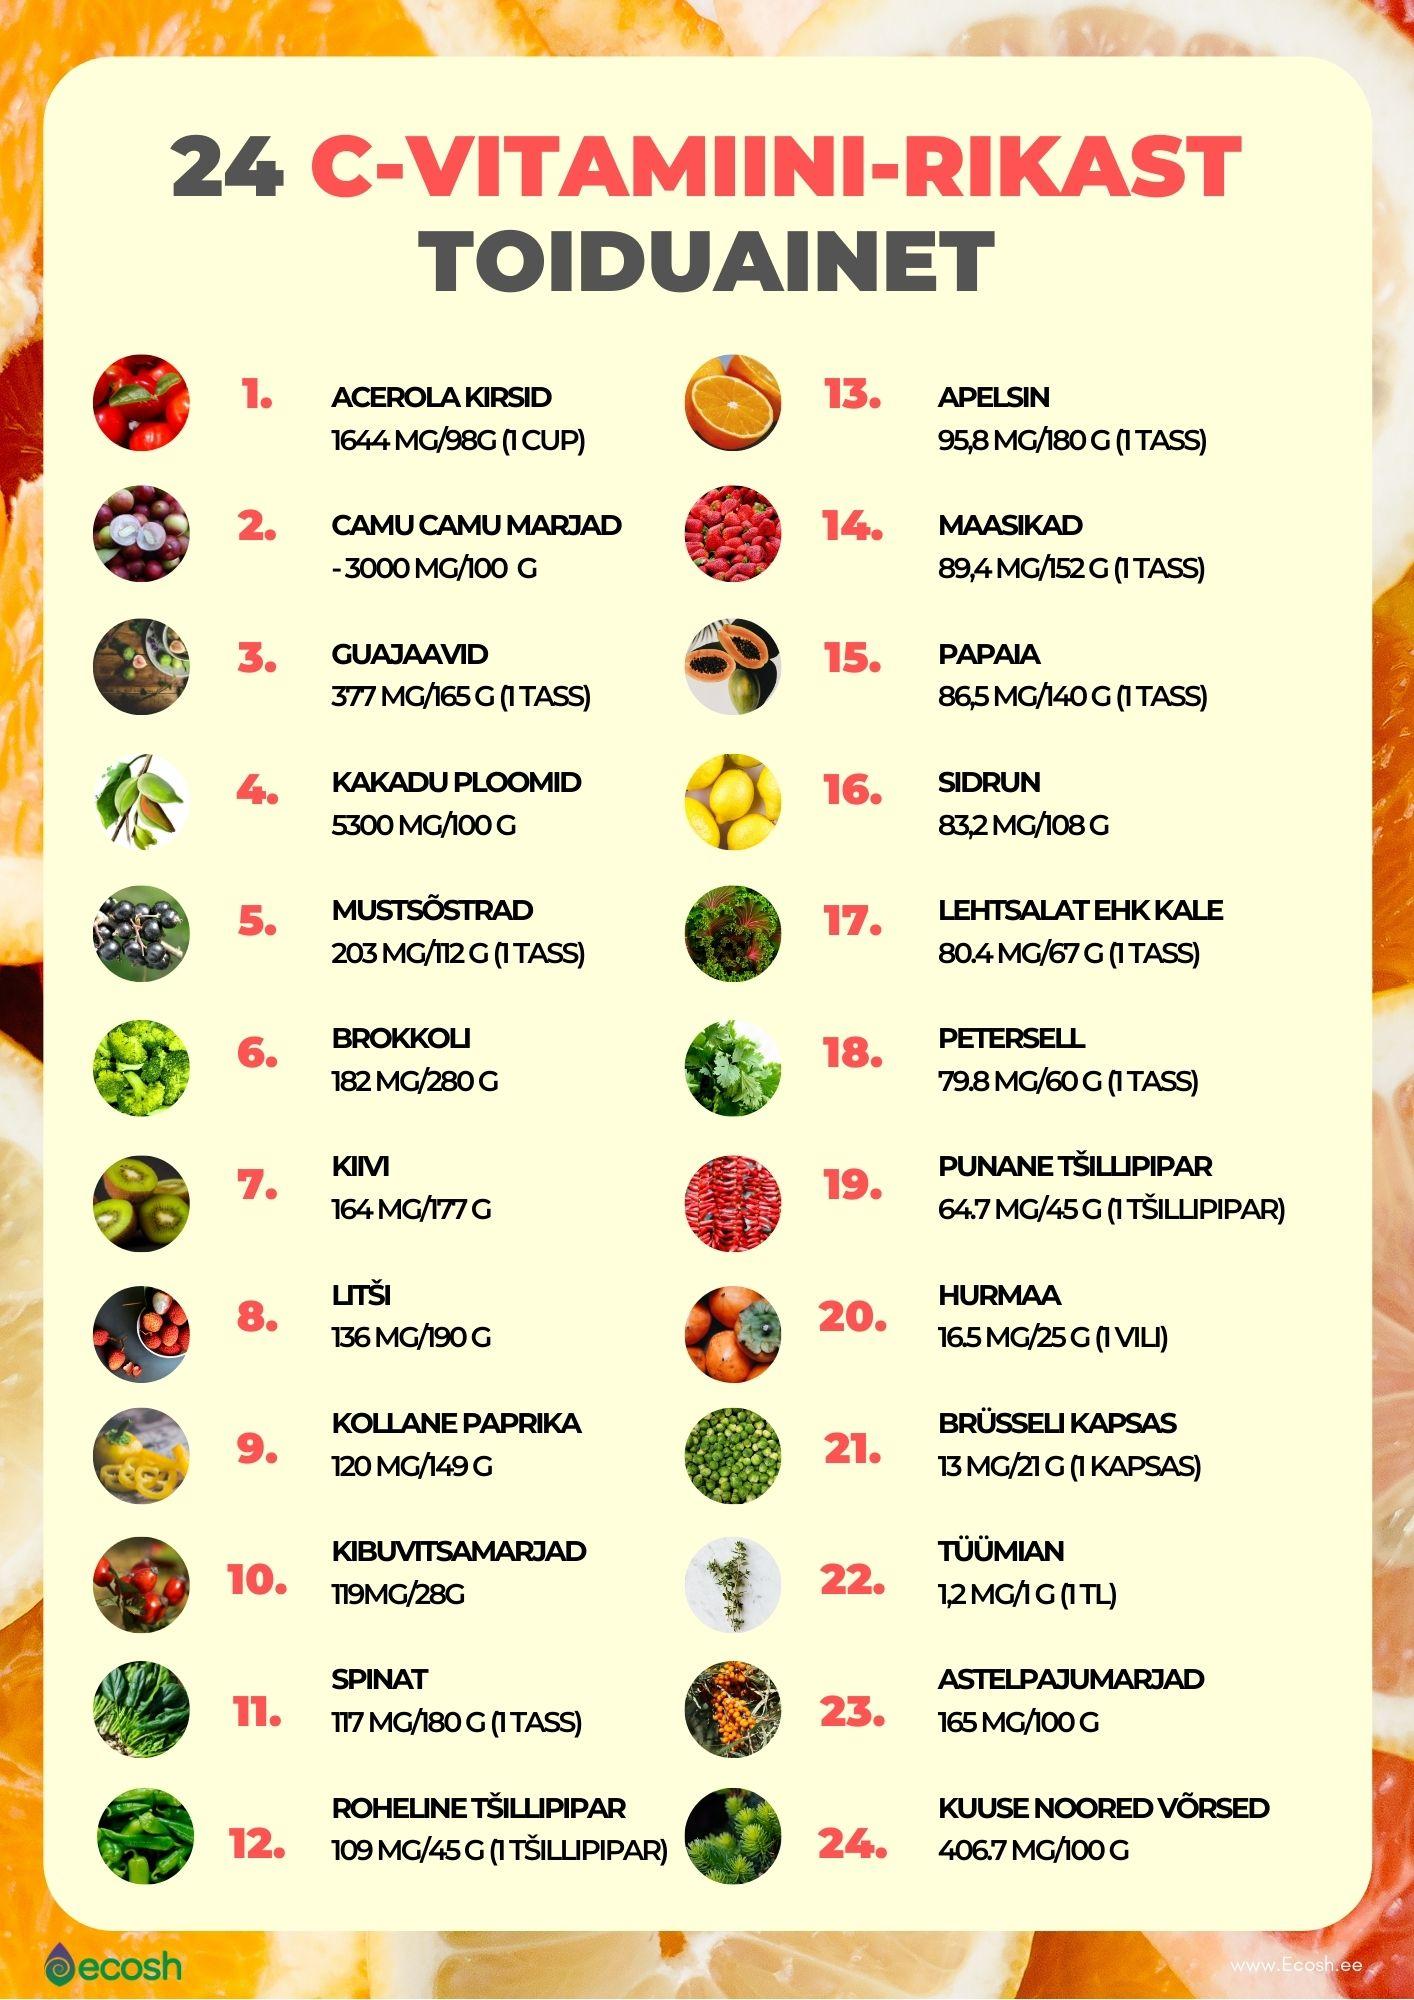 C-vitamiini-rikkad toiduained_C-vitamiin toidust